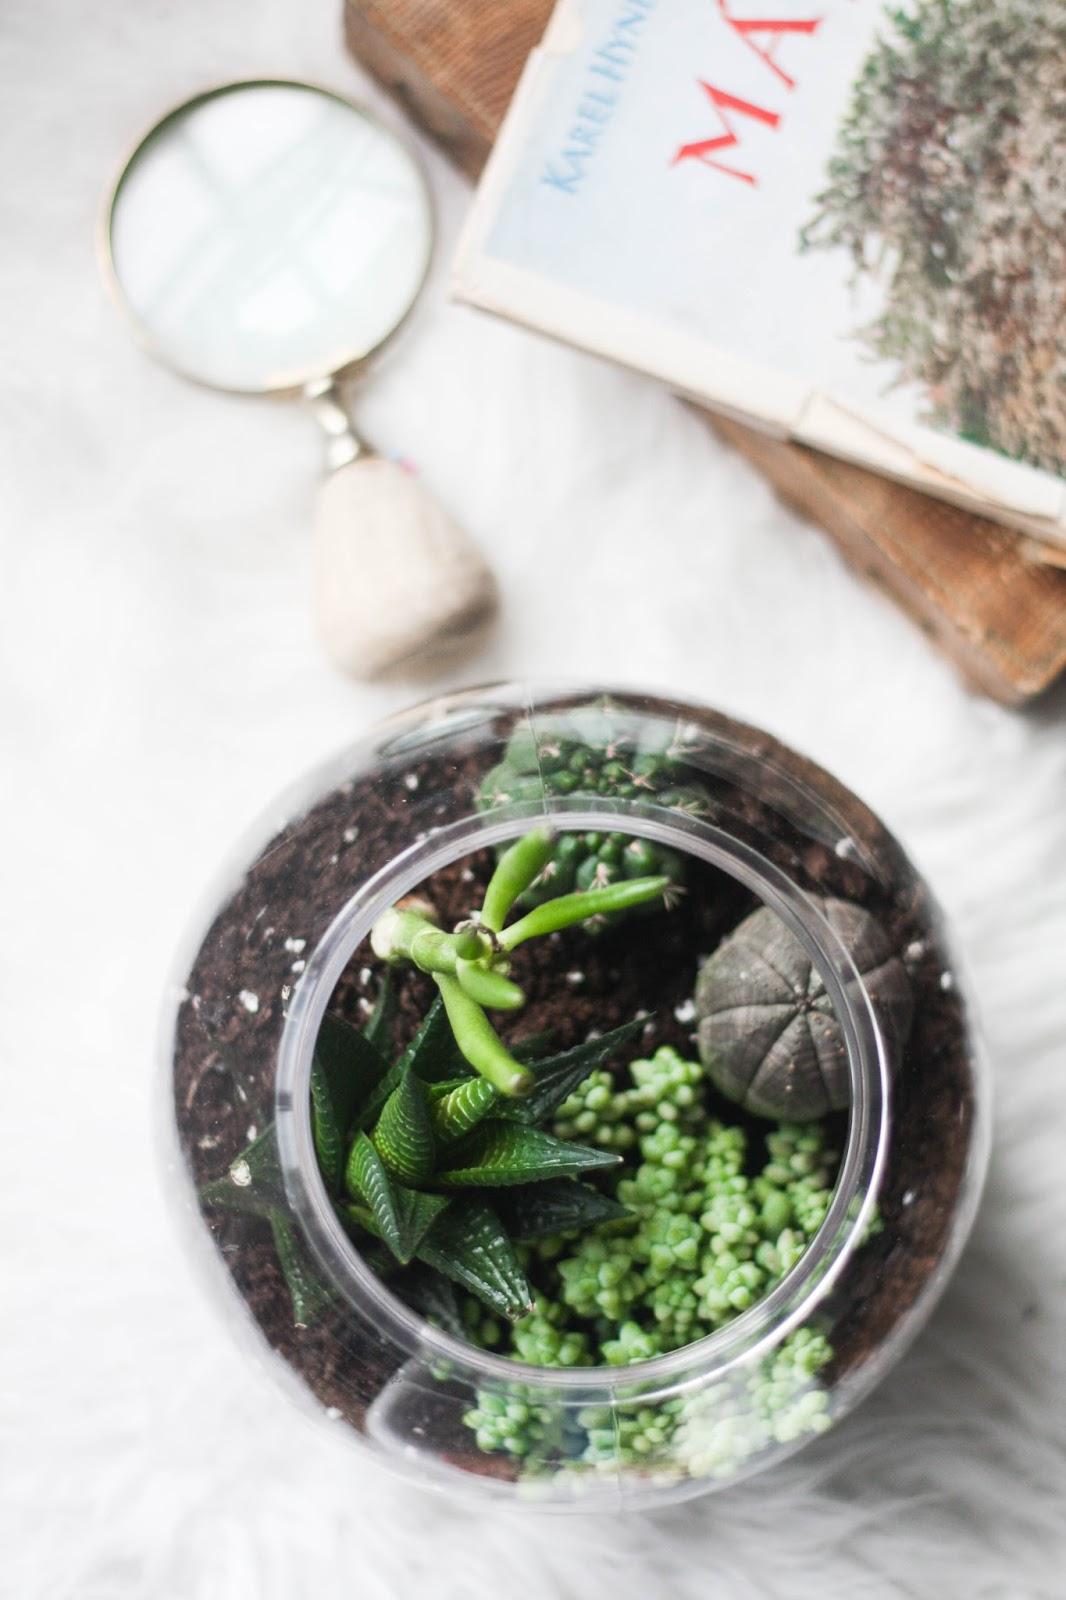 DIY cactus terrarium for £1